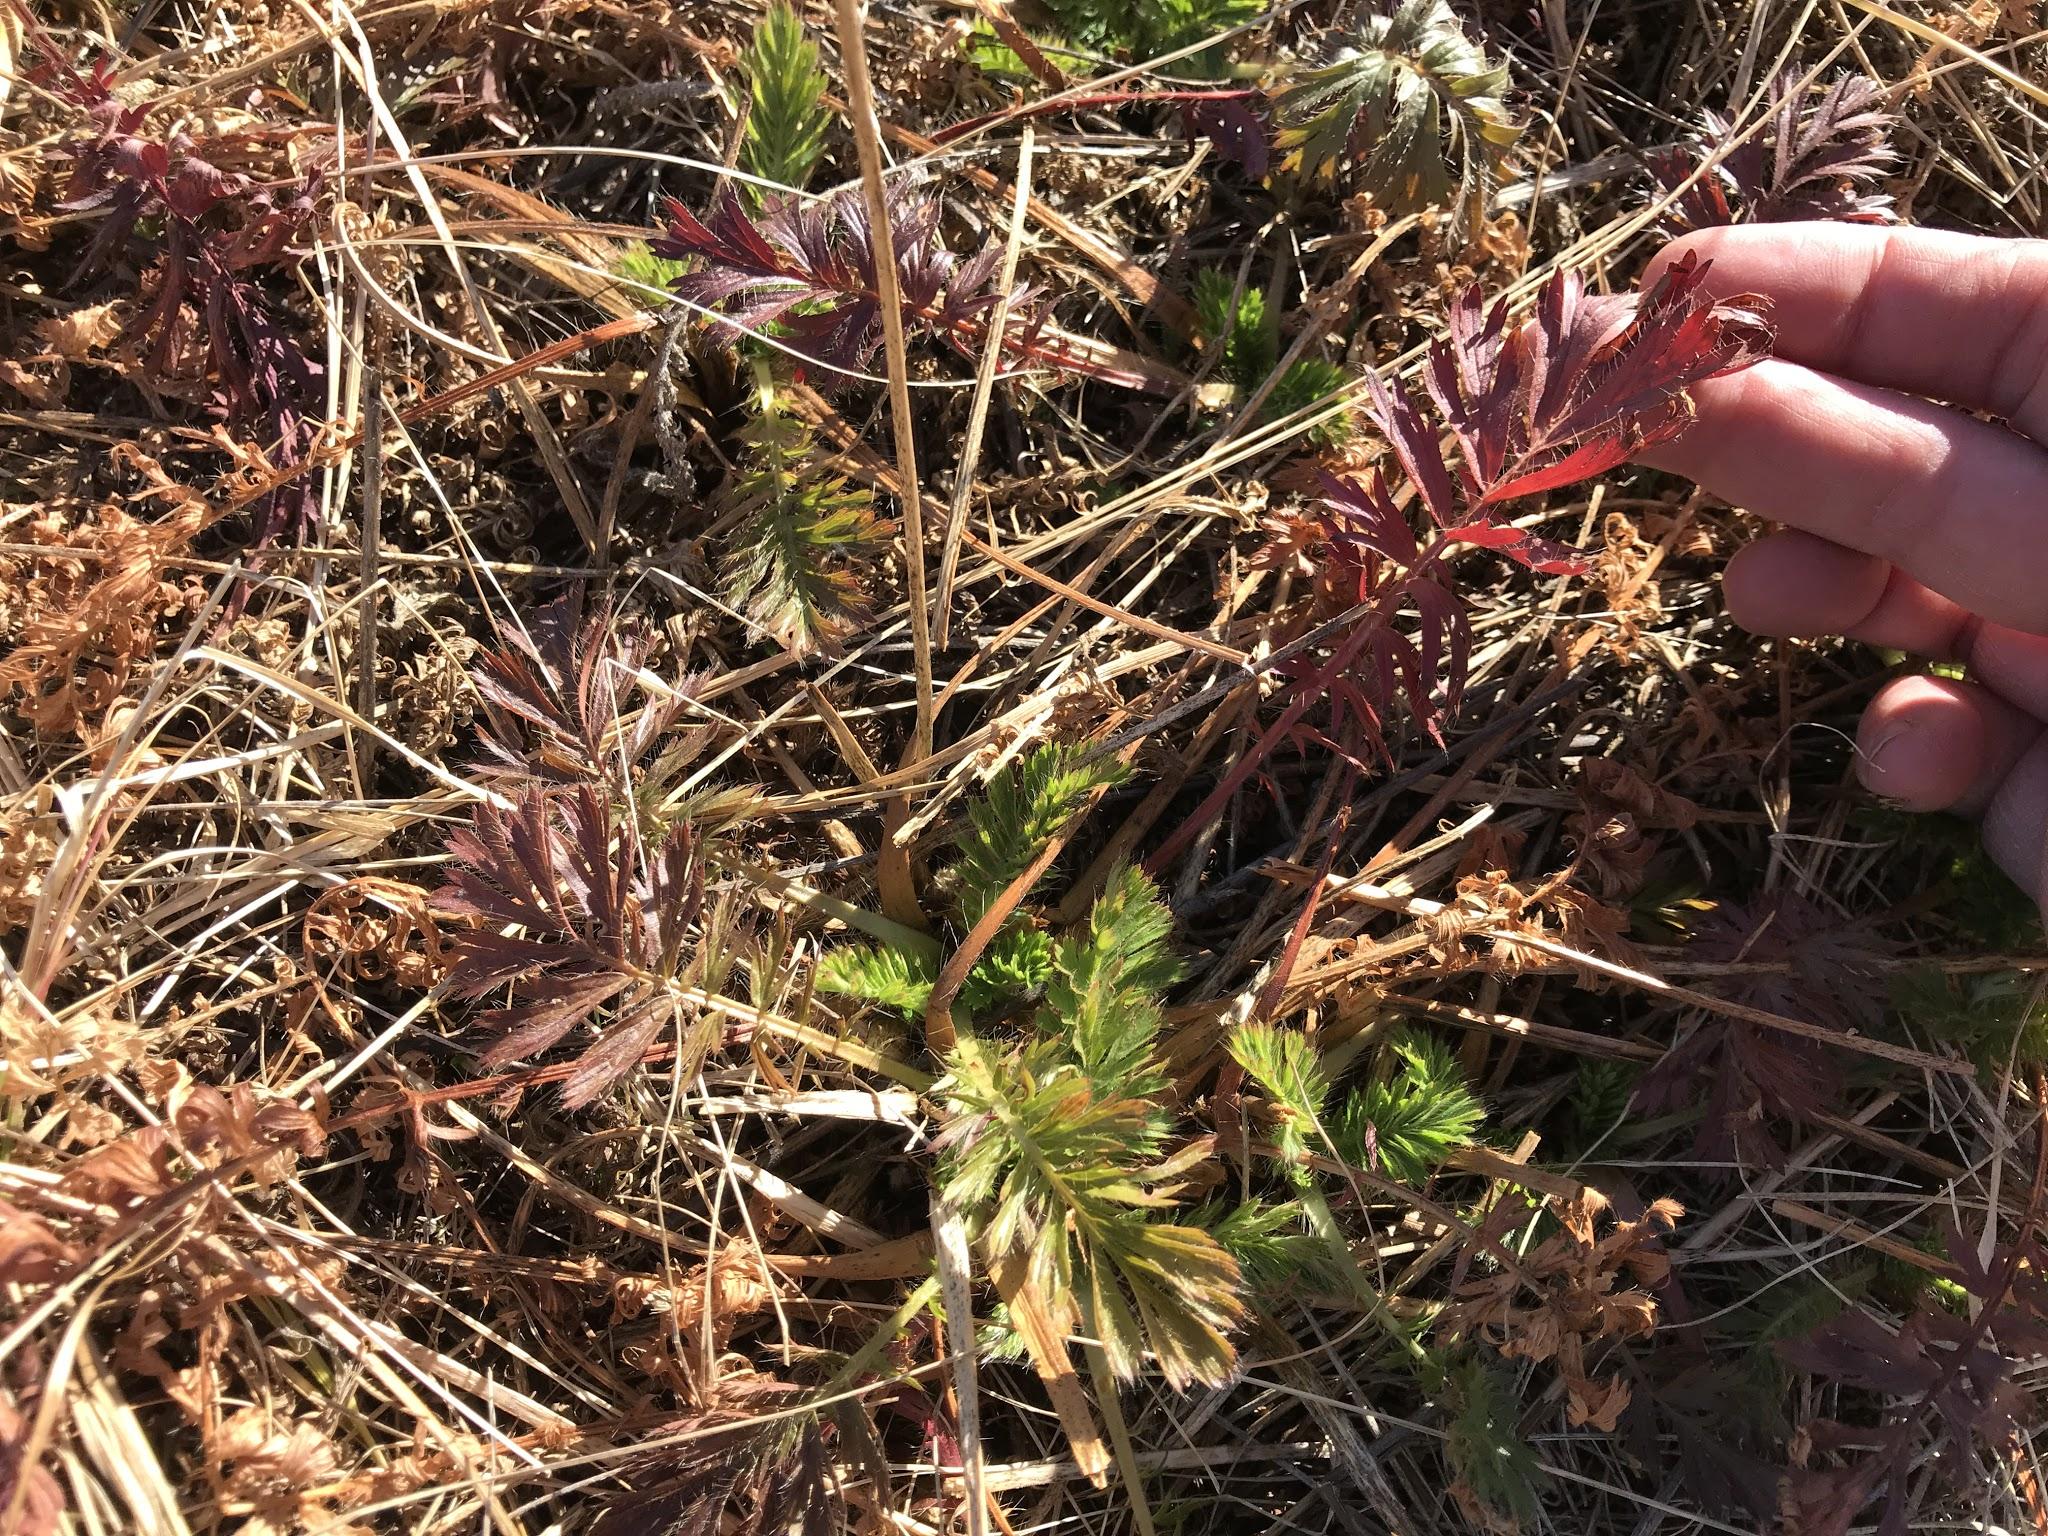 Ferny-foliaged forb that was everywhere